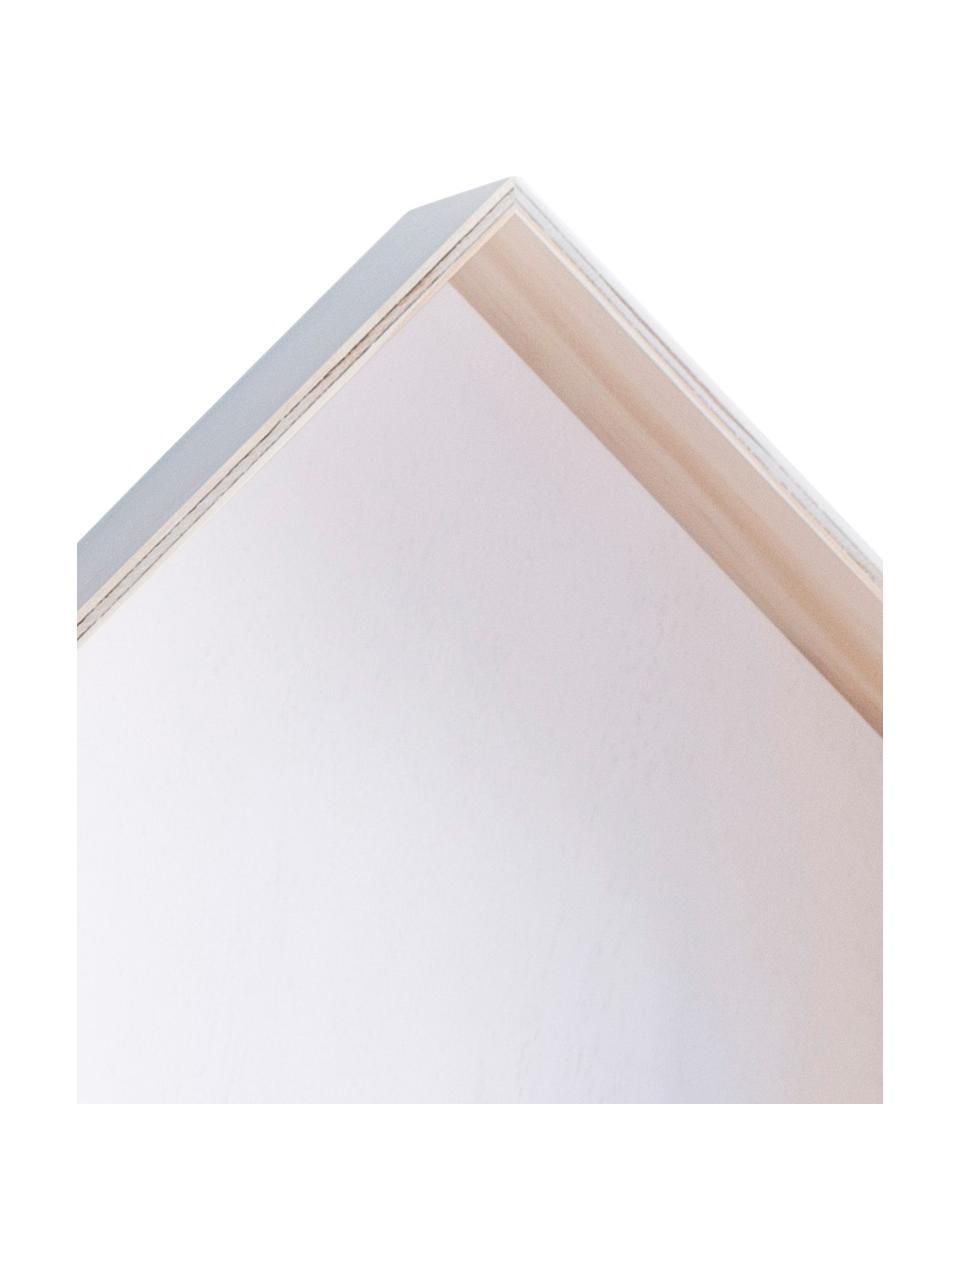 Komplet półek ściennych Blanca, 3 elem., Sklejka, Jasny brązowy, biały, Komplet z różnymi rozmiarami